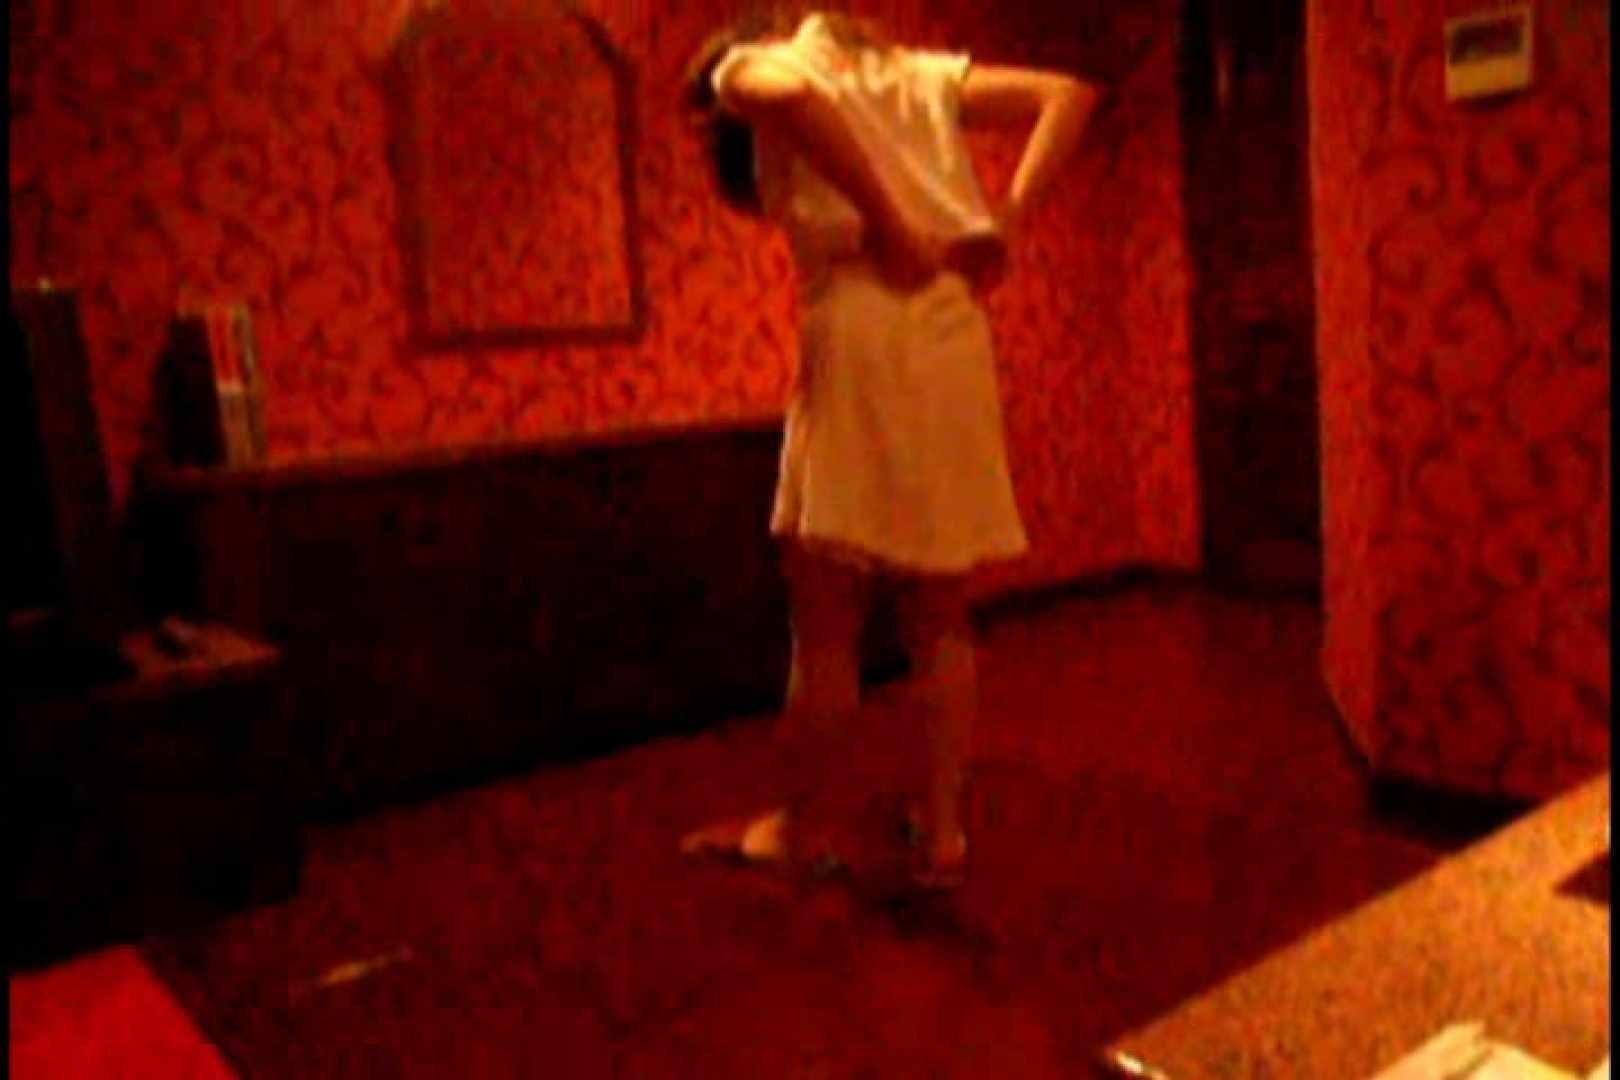 某掲示板に投稿された素人女性たちVOL.9 投稿   ホテル  95連発 21